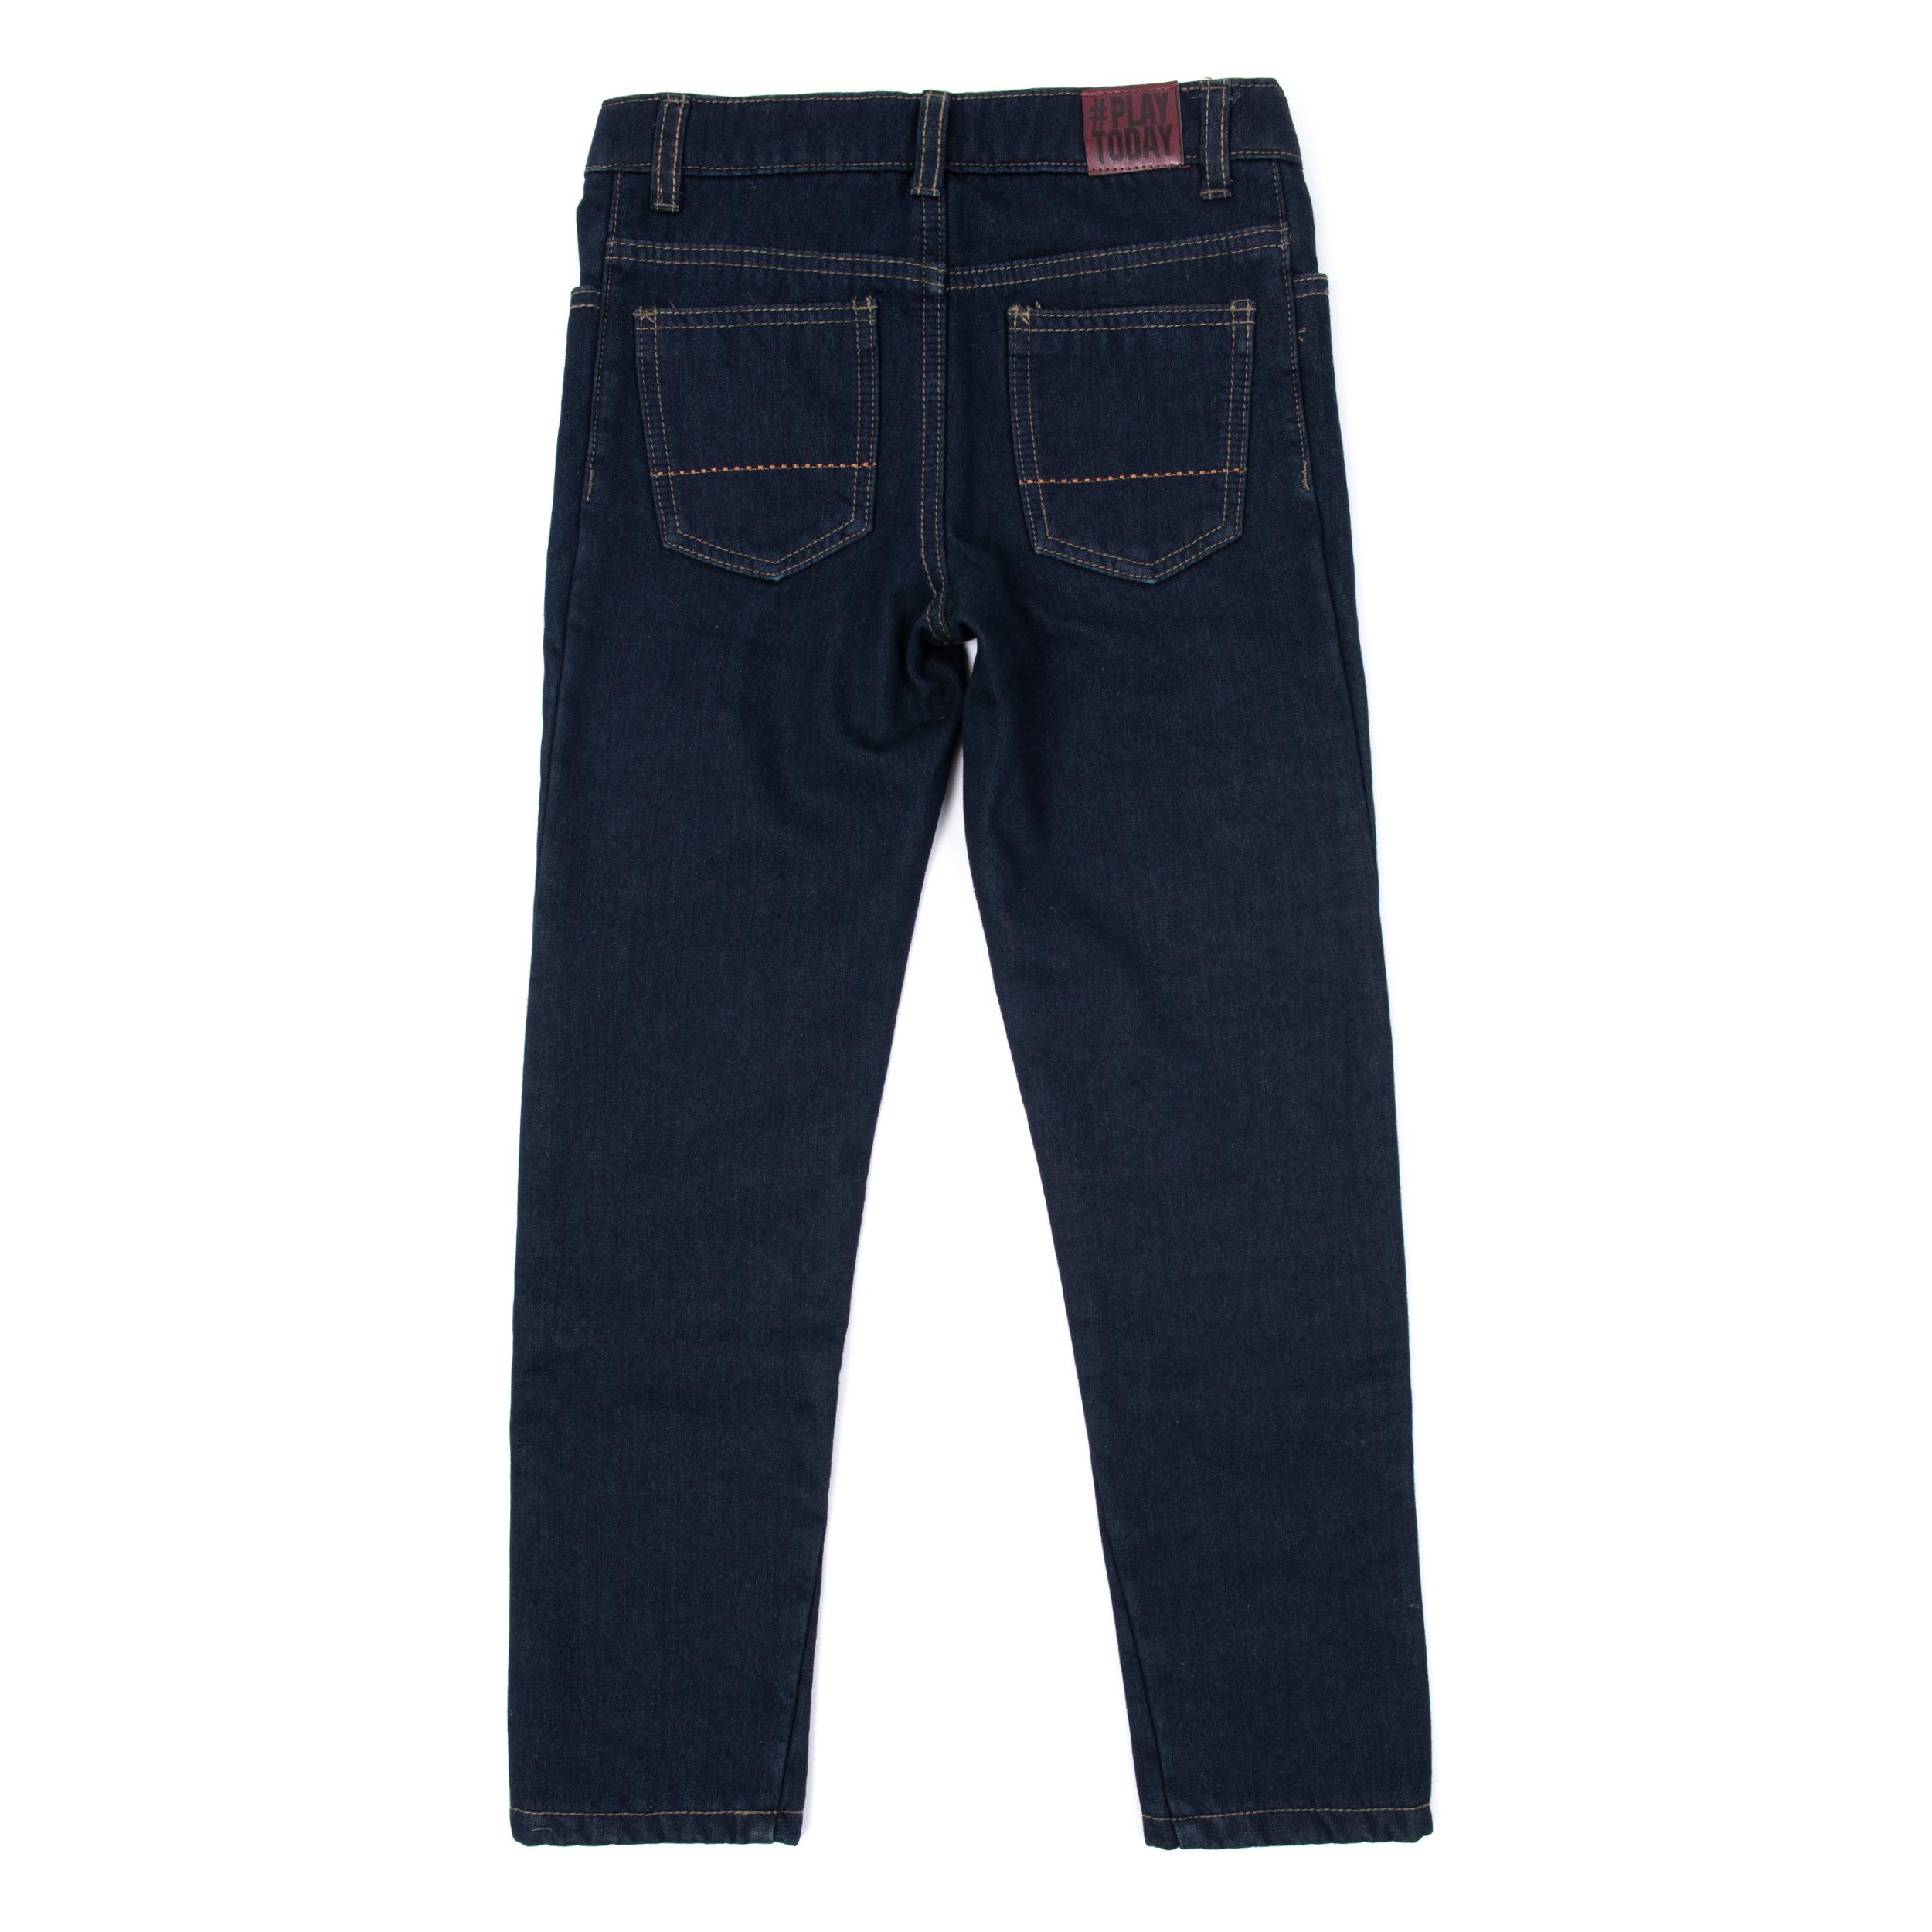 b886d9a0 381159 Темно-синие брюки джинсовые на флисе для мальчика PlayToday ...